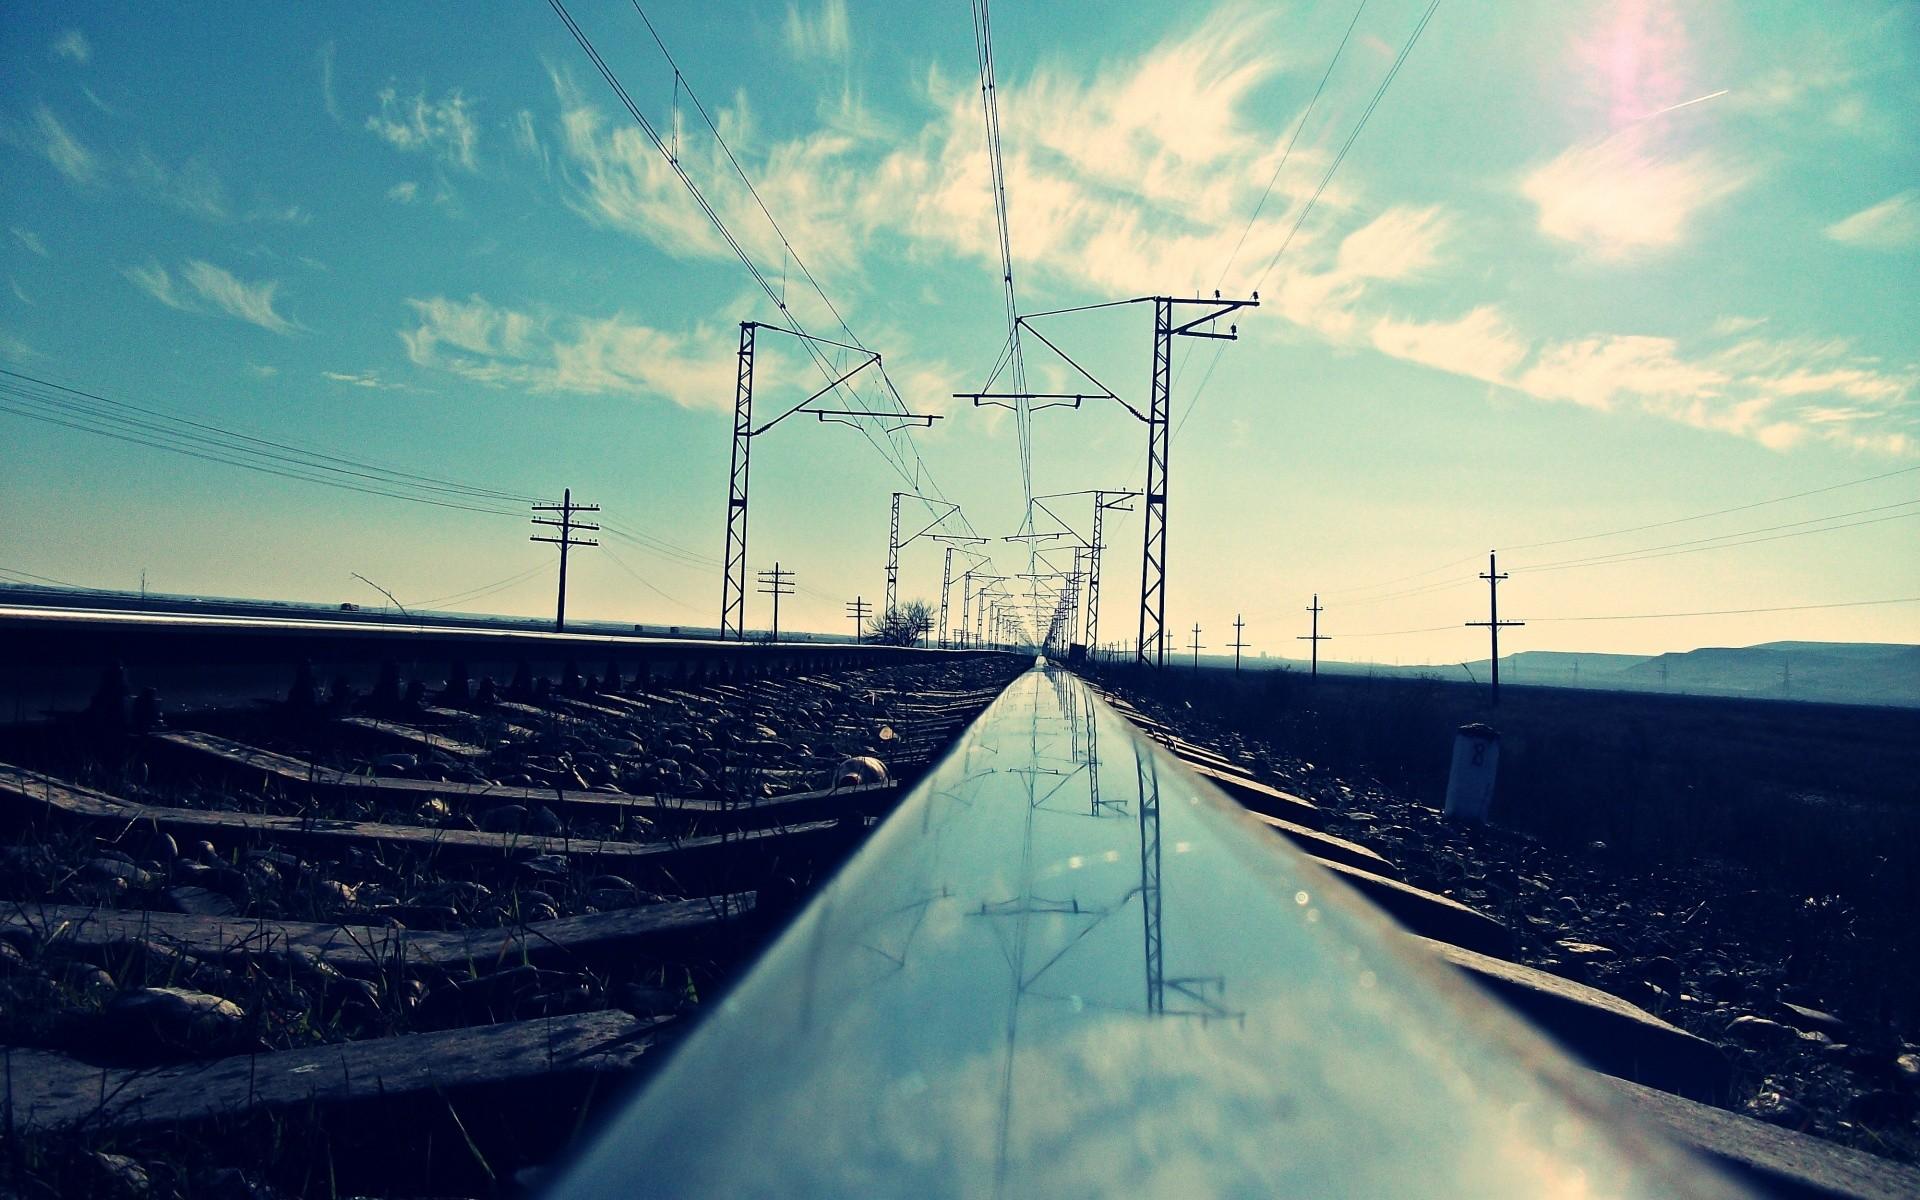 Fondos Vías de ferrocarril (Railroad Tracks) ADNFriki (3)